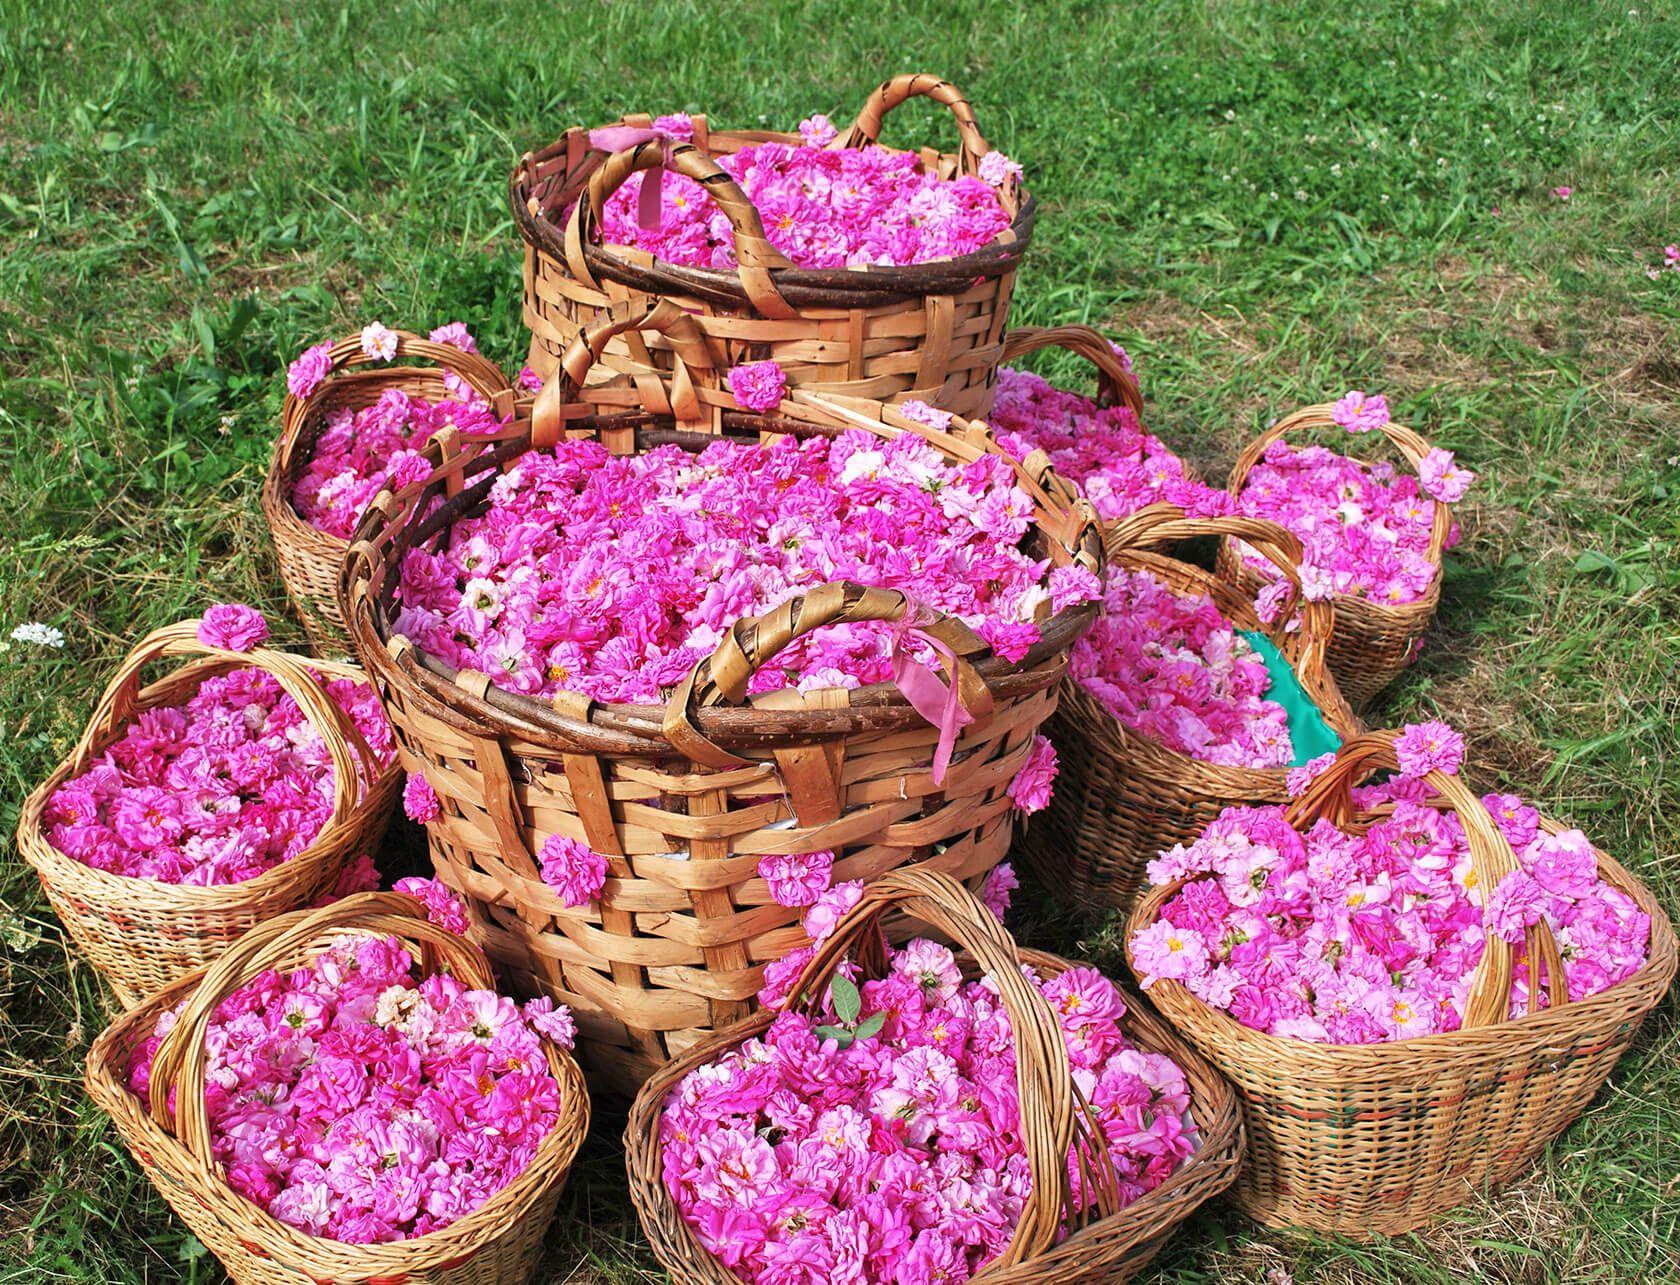 گلهای محمدی، مراسم گلاب گیری در کاشان